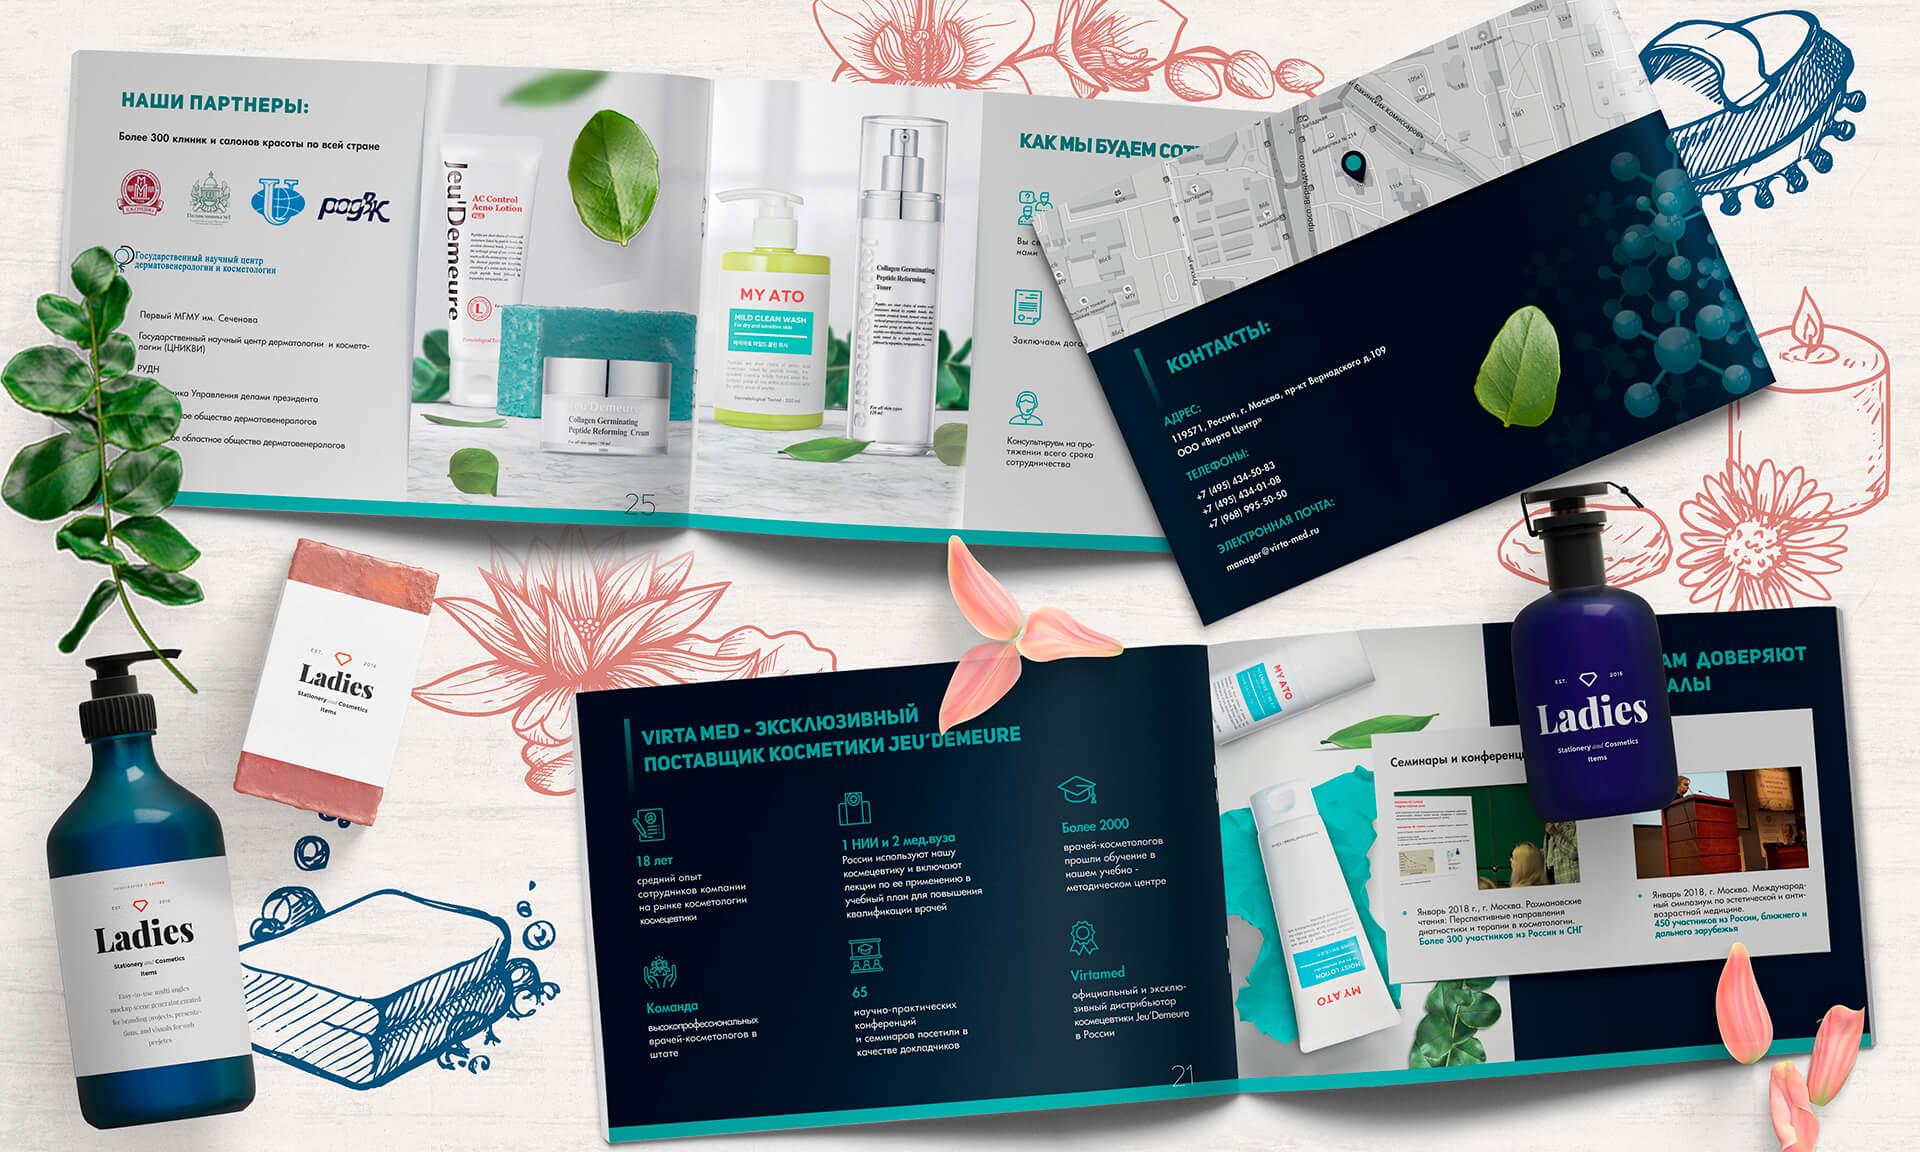 Презентация клиники красоты, услуги косметолога, скачать образец